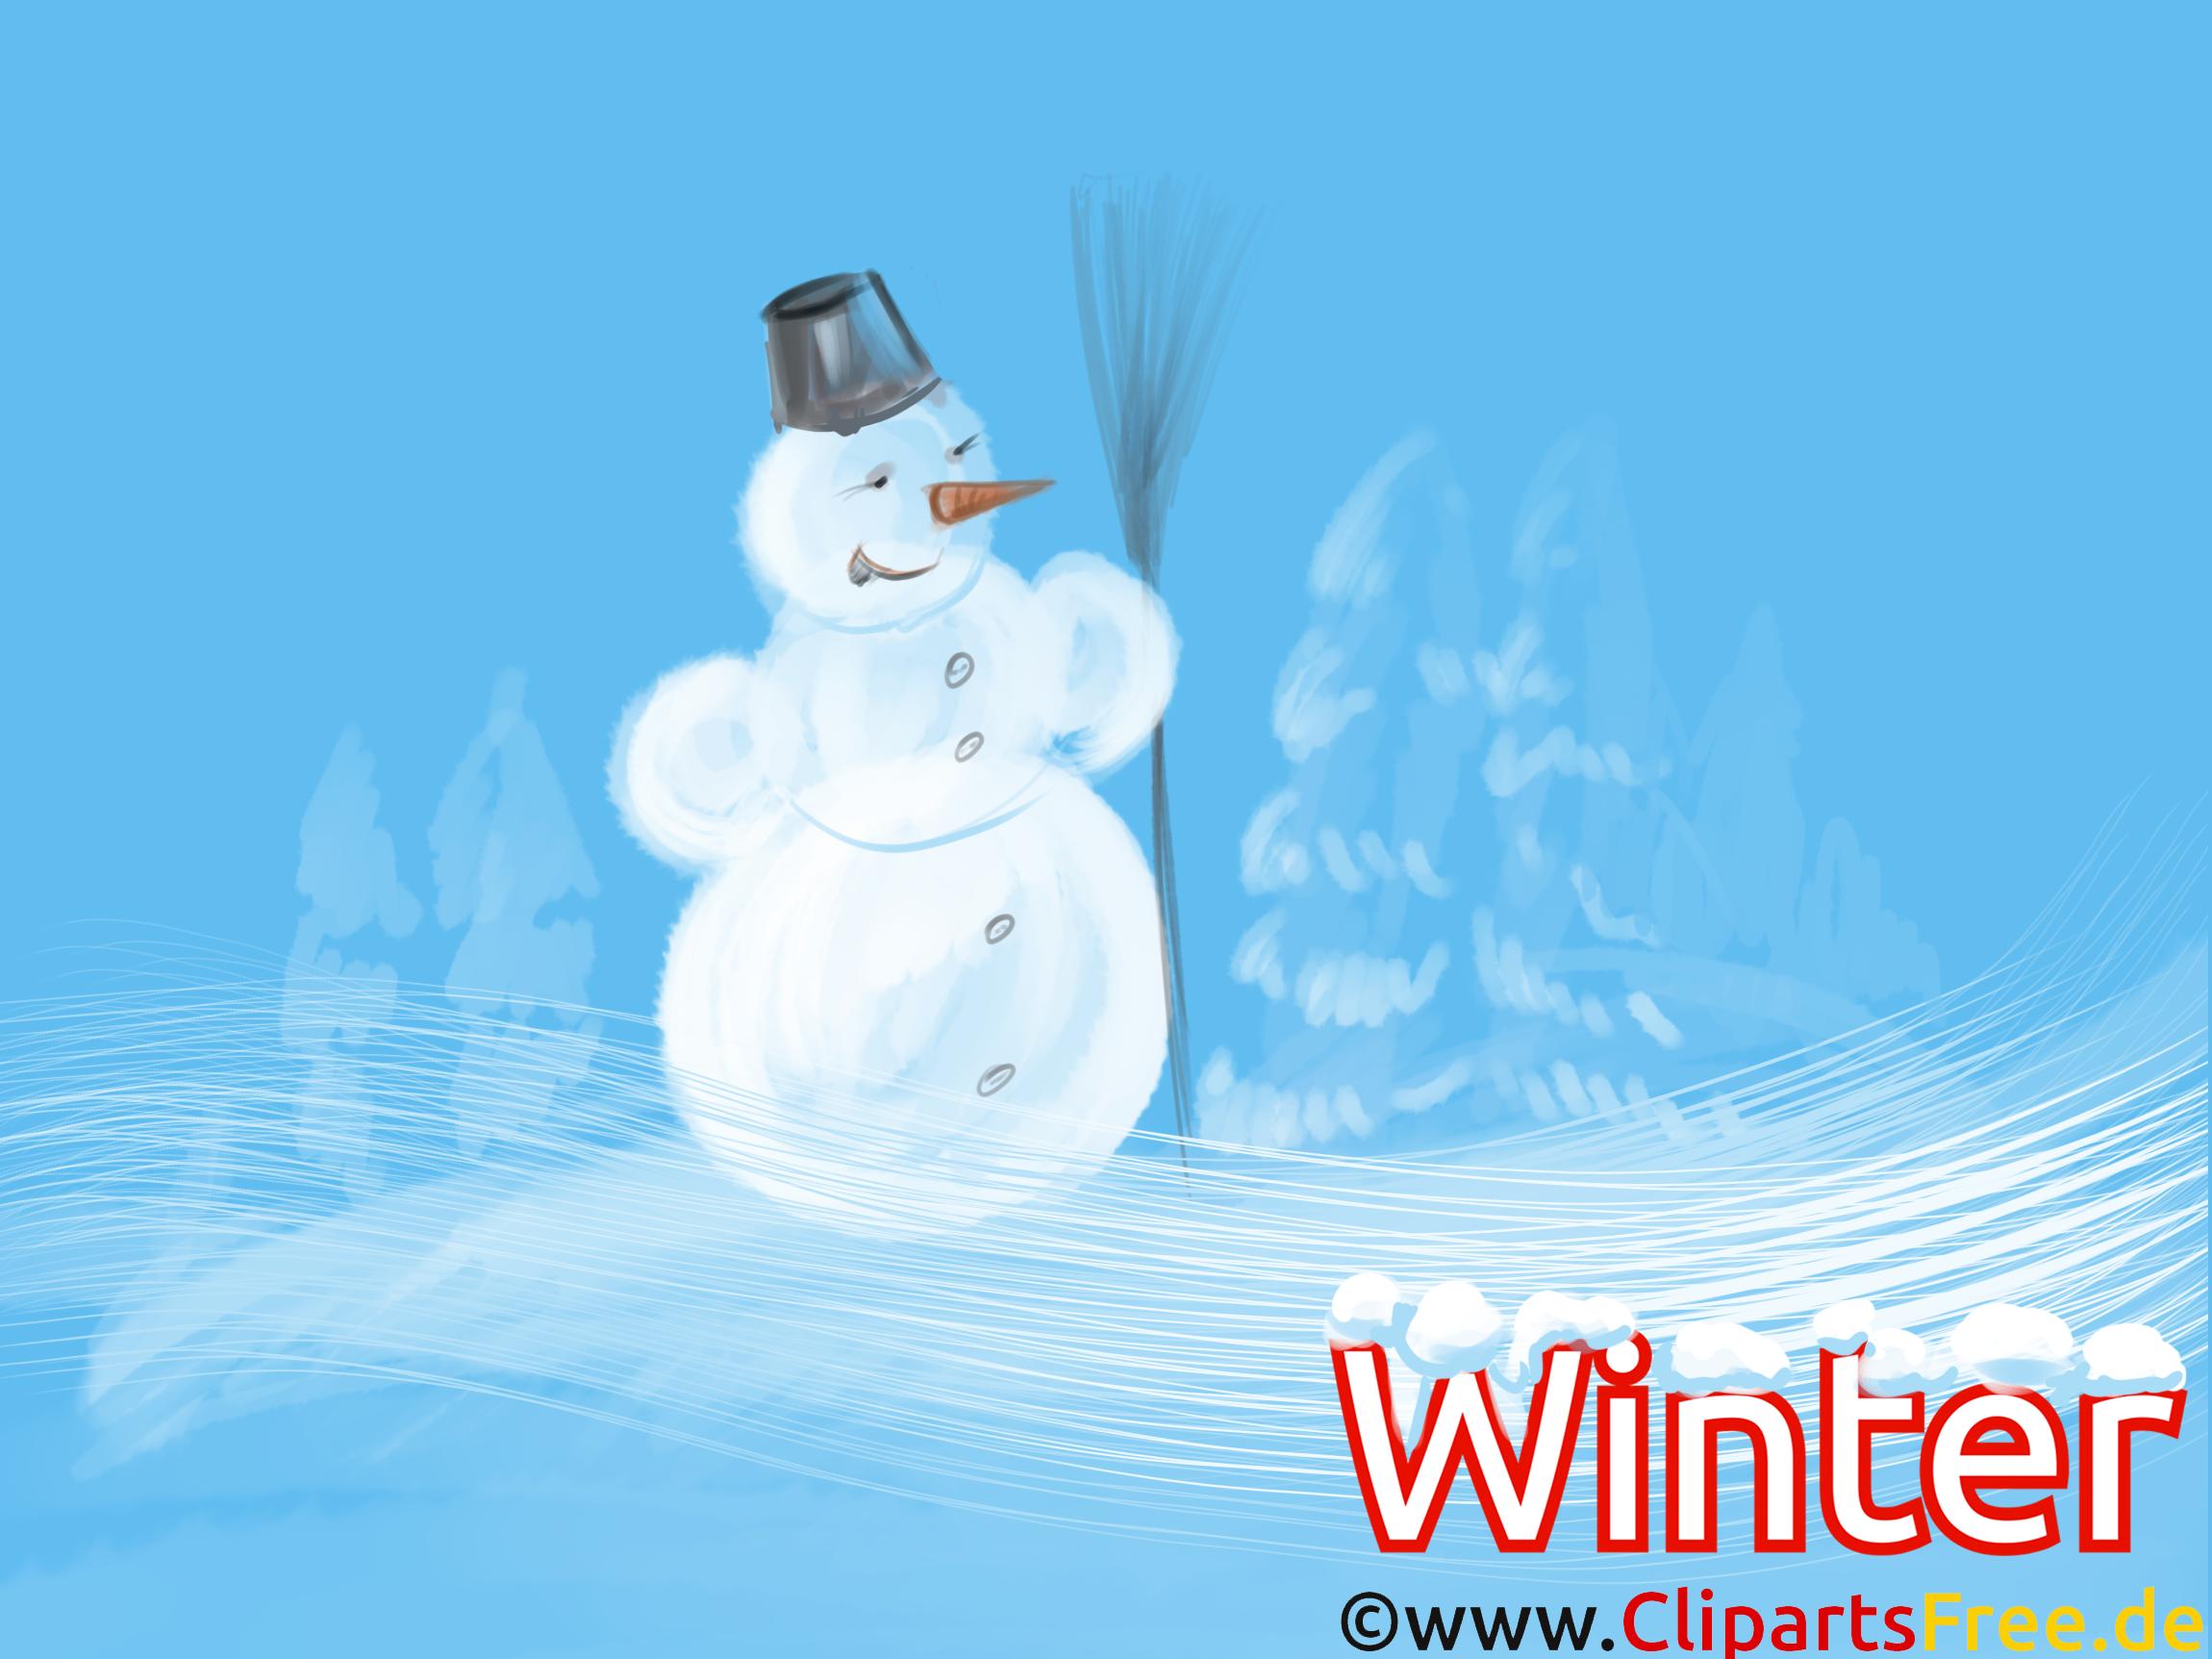 面白い壁紙雪だるま 冬 新年 大晦日